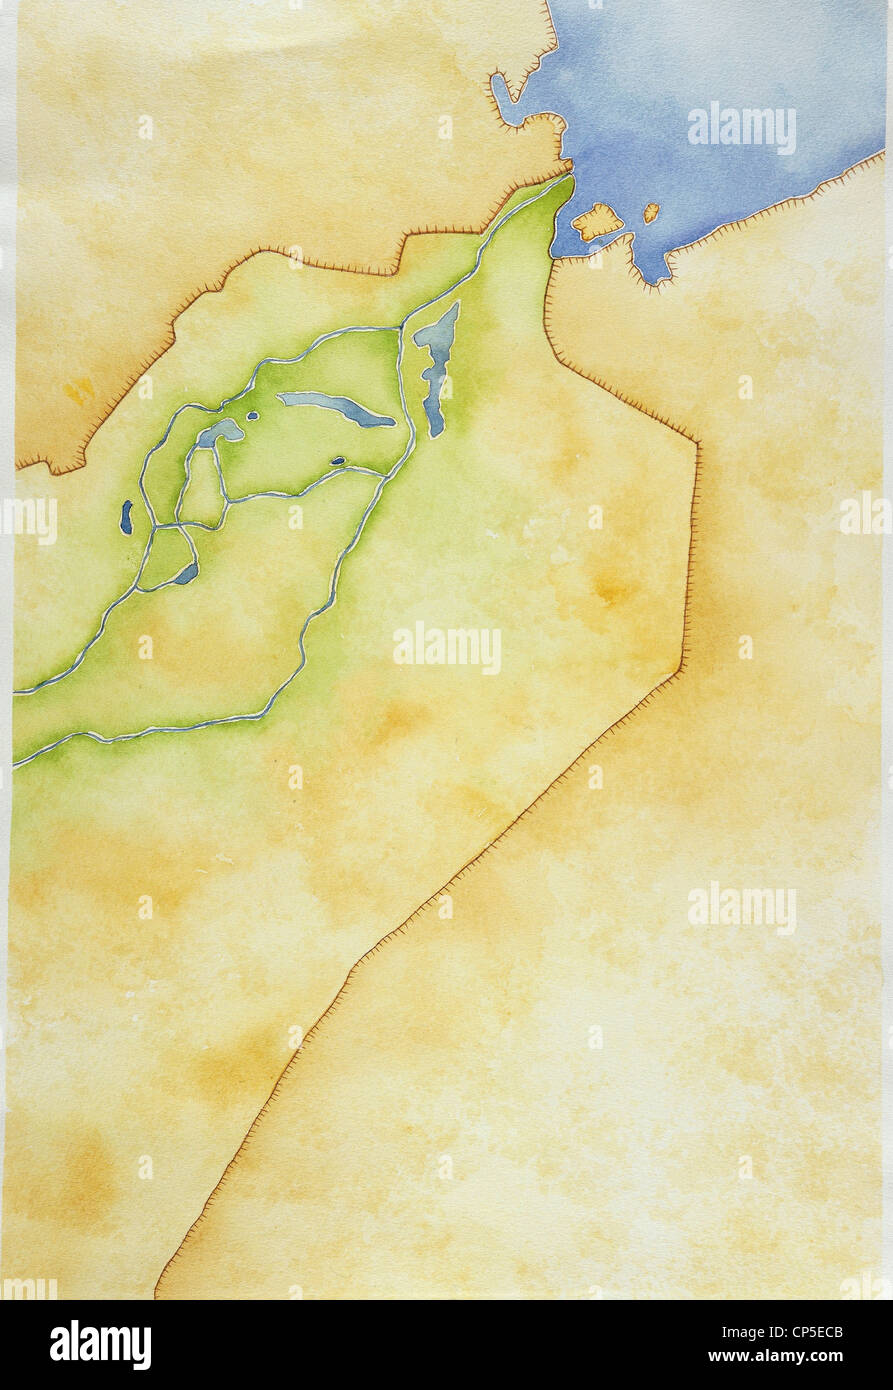 La cartographie. Contour plan de la Mésopotamie et de l'Euphrate. Dessin. Photo Stock